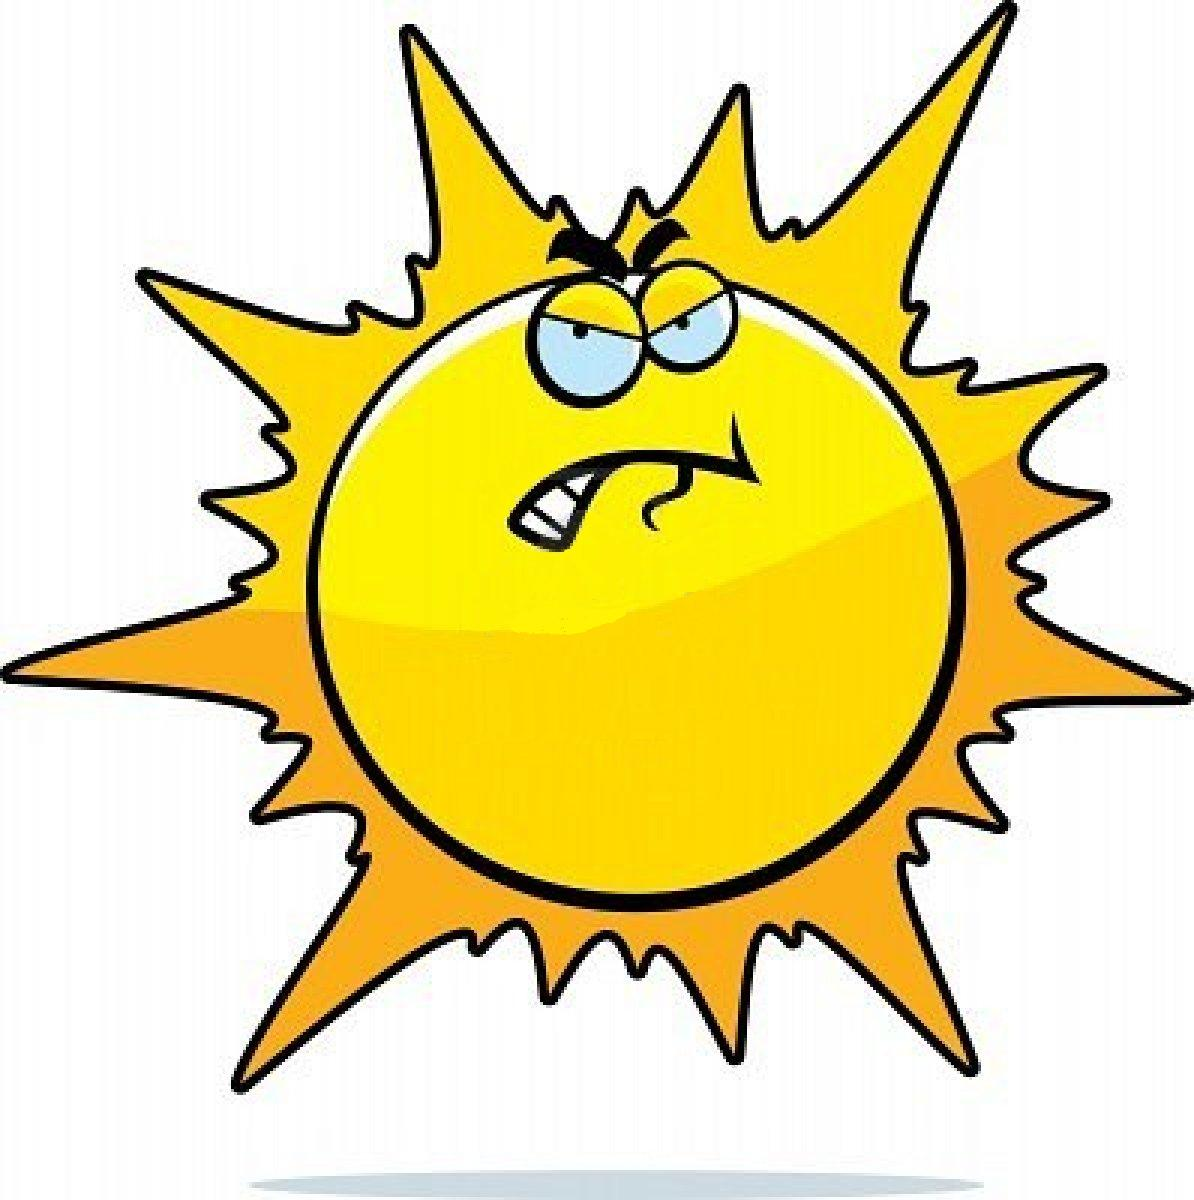 1194x1200 Cartoon Sun Images